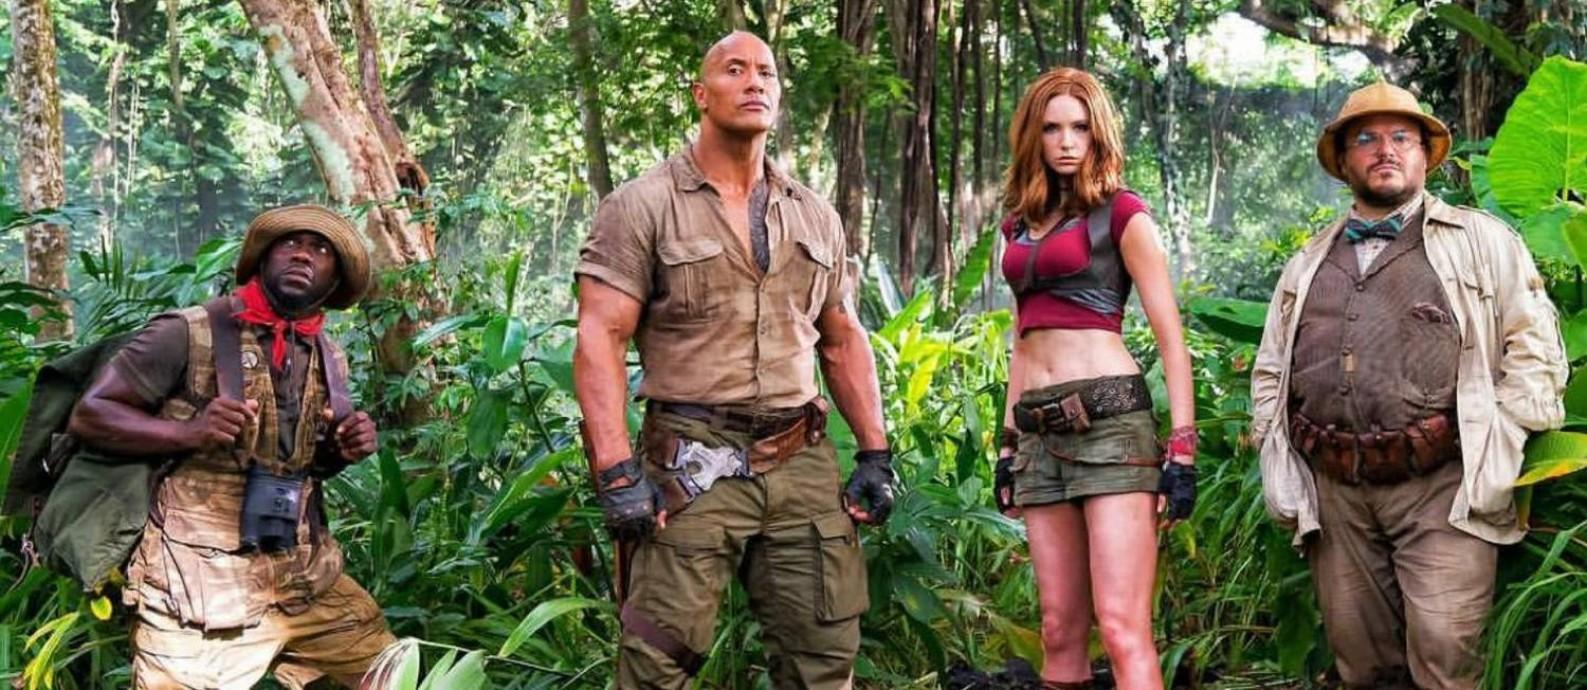 Jack Black, Kevin Hart, Dwayne Johnson e Karen Gillan em cena de 'Jumanji: Bem-vindo à selva' Foto: Divulgação